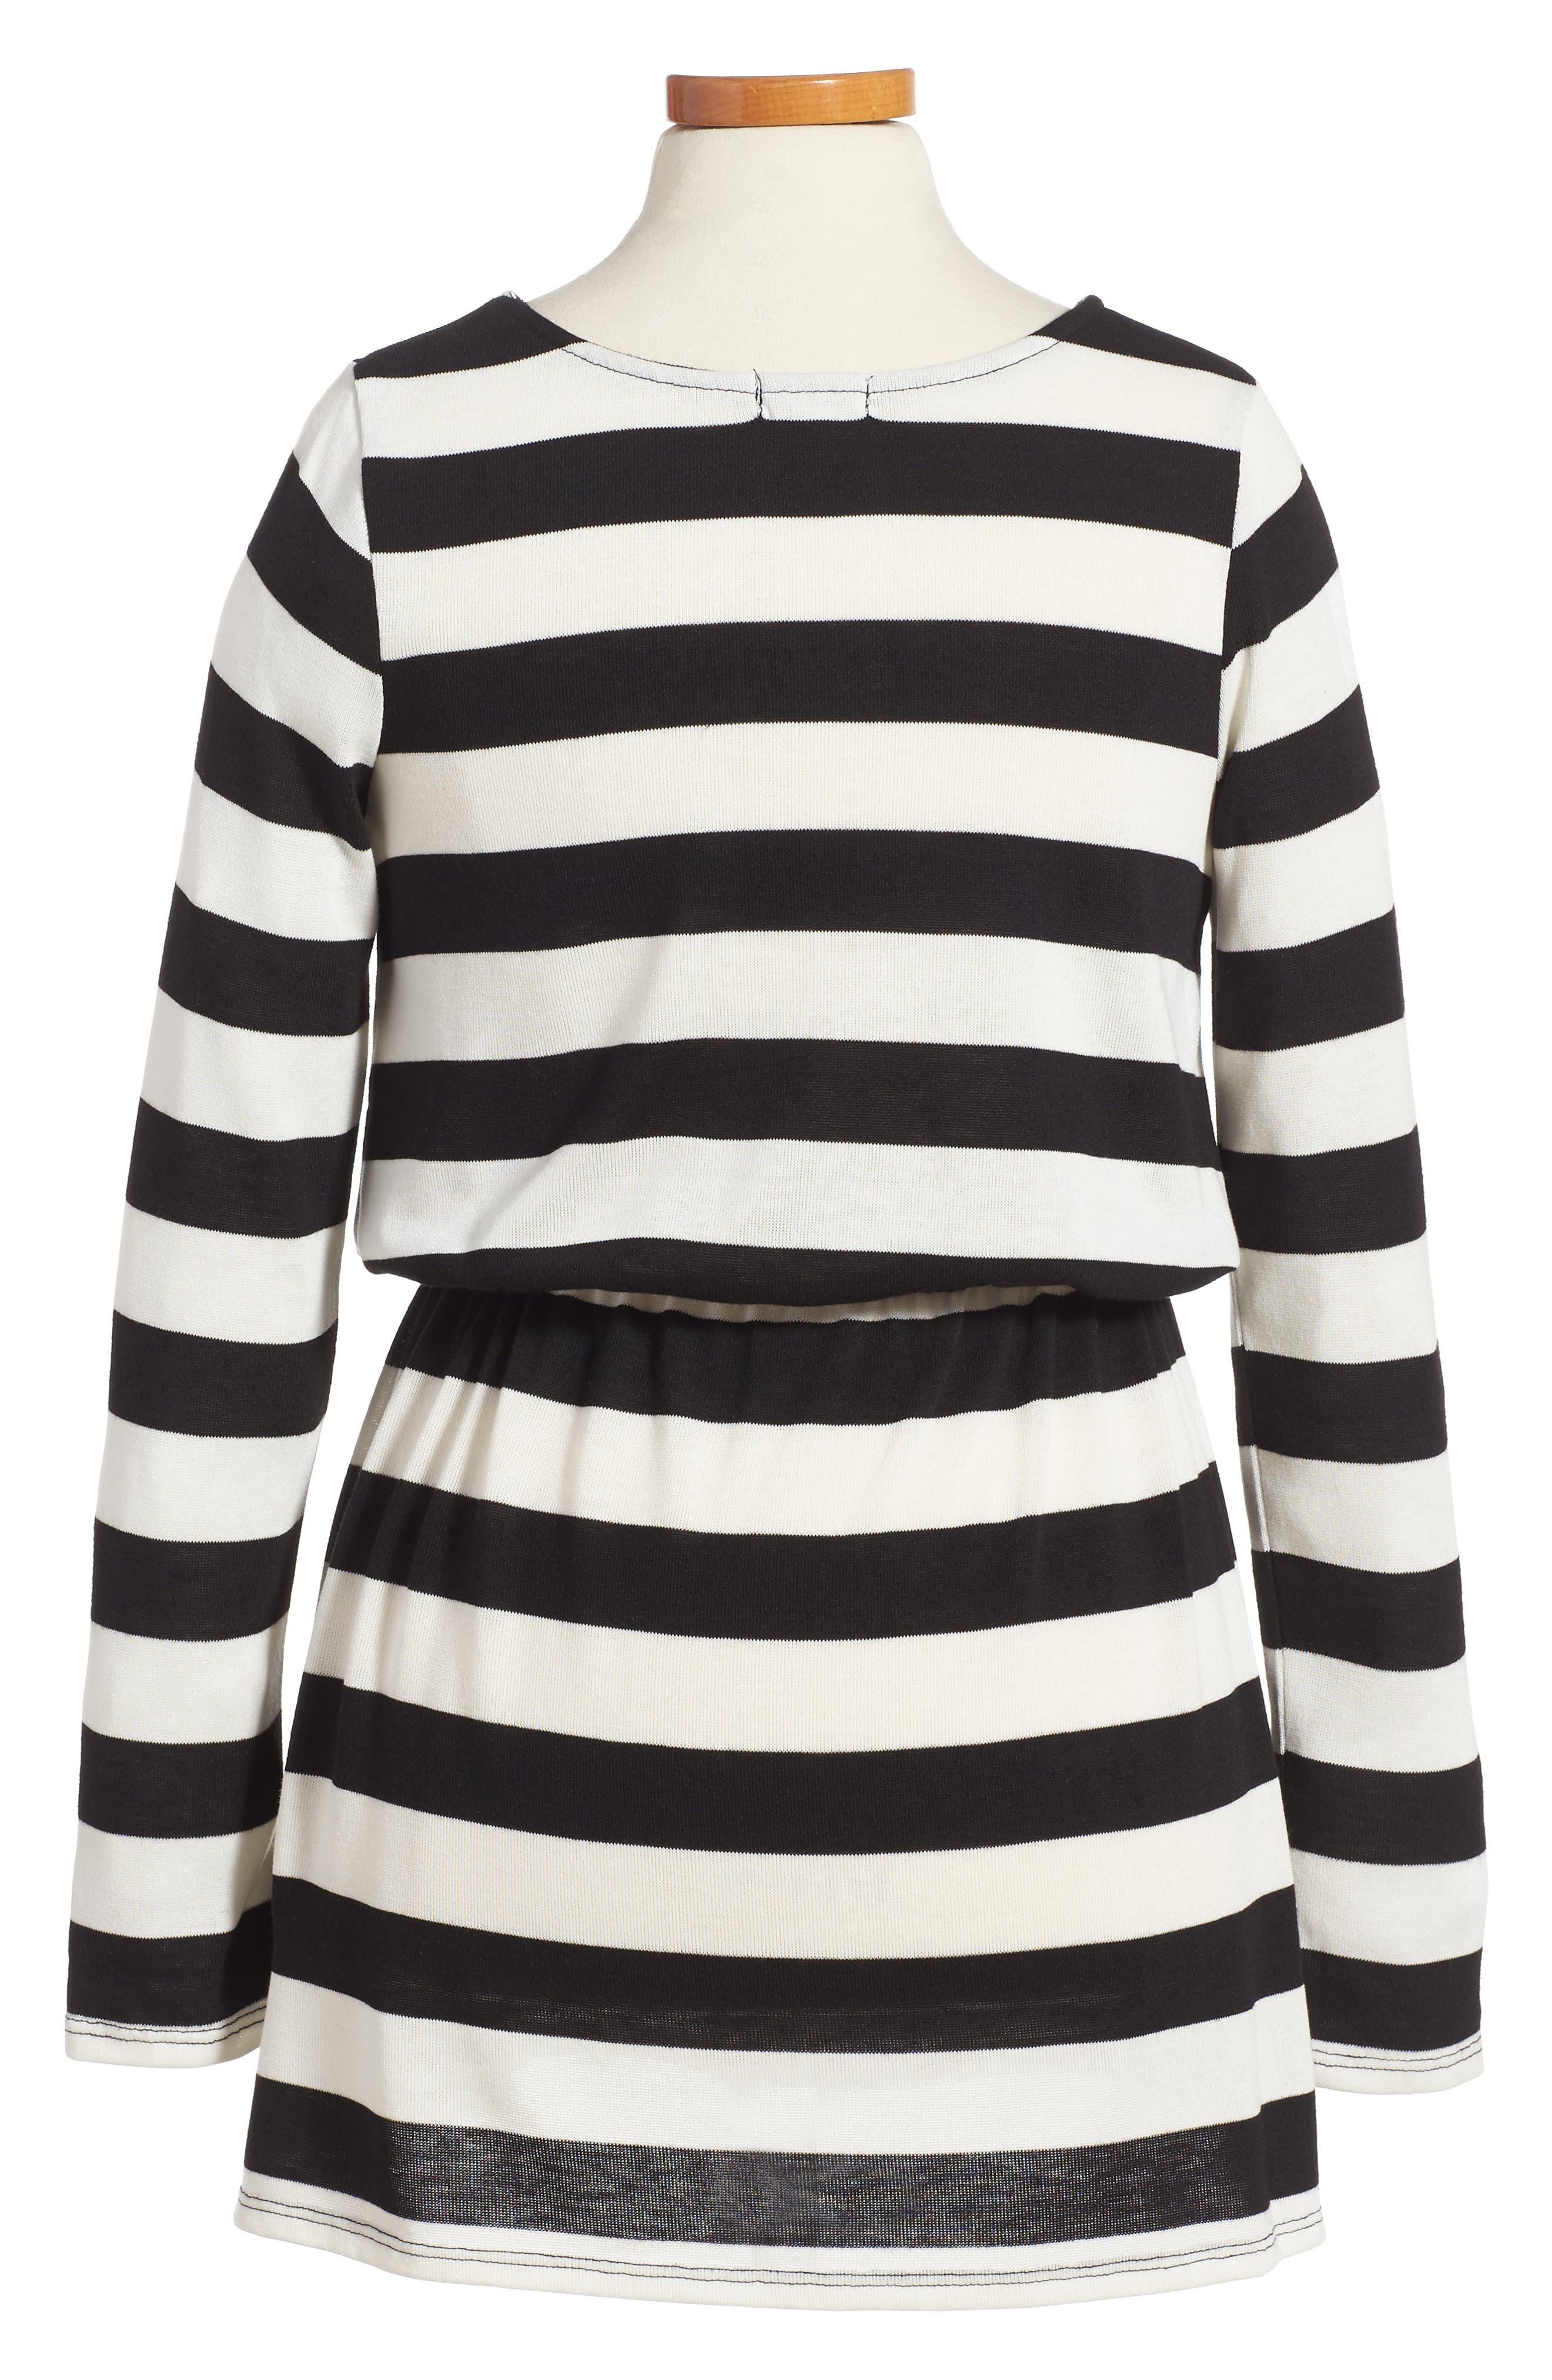 Alternate Image 2  - Splendid Stripe Knit Dress (Toddler Girls & Little Girls)